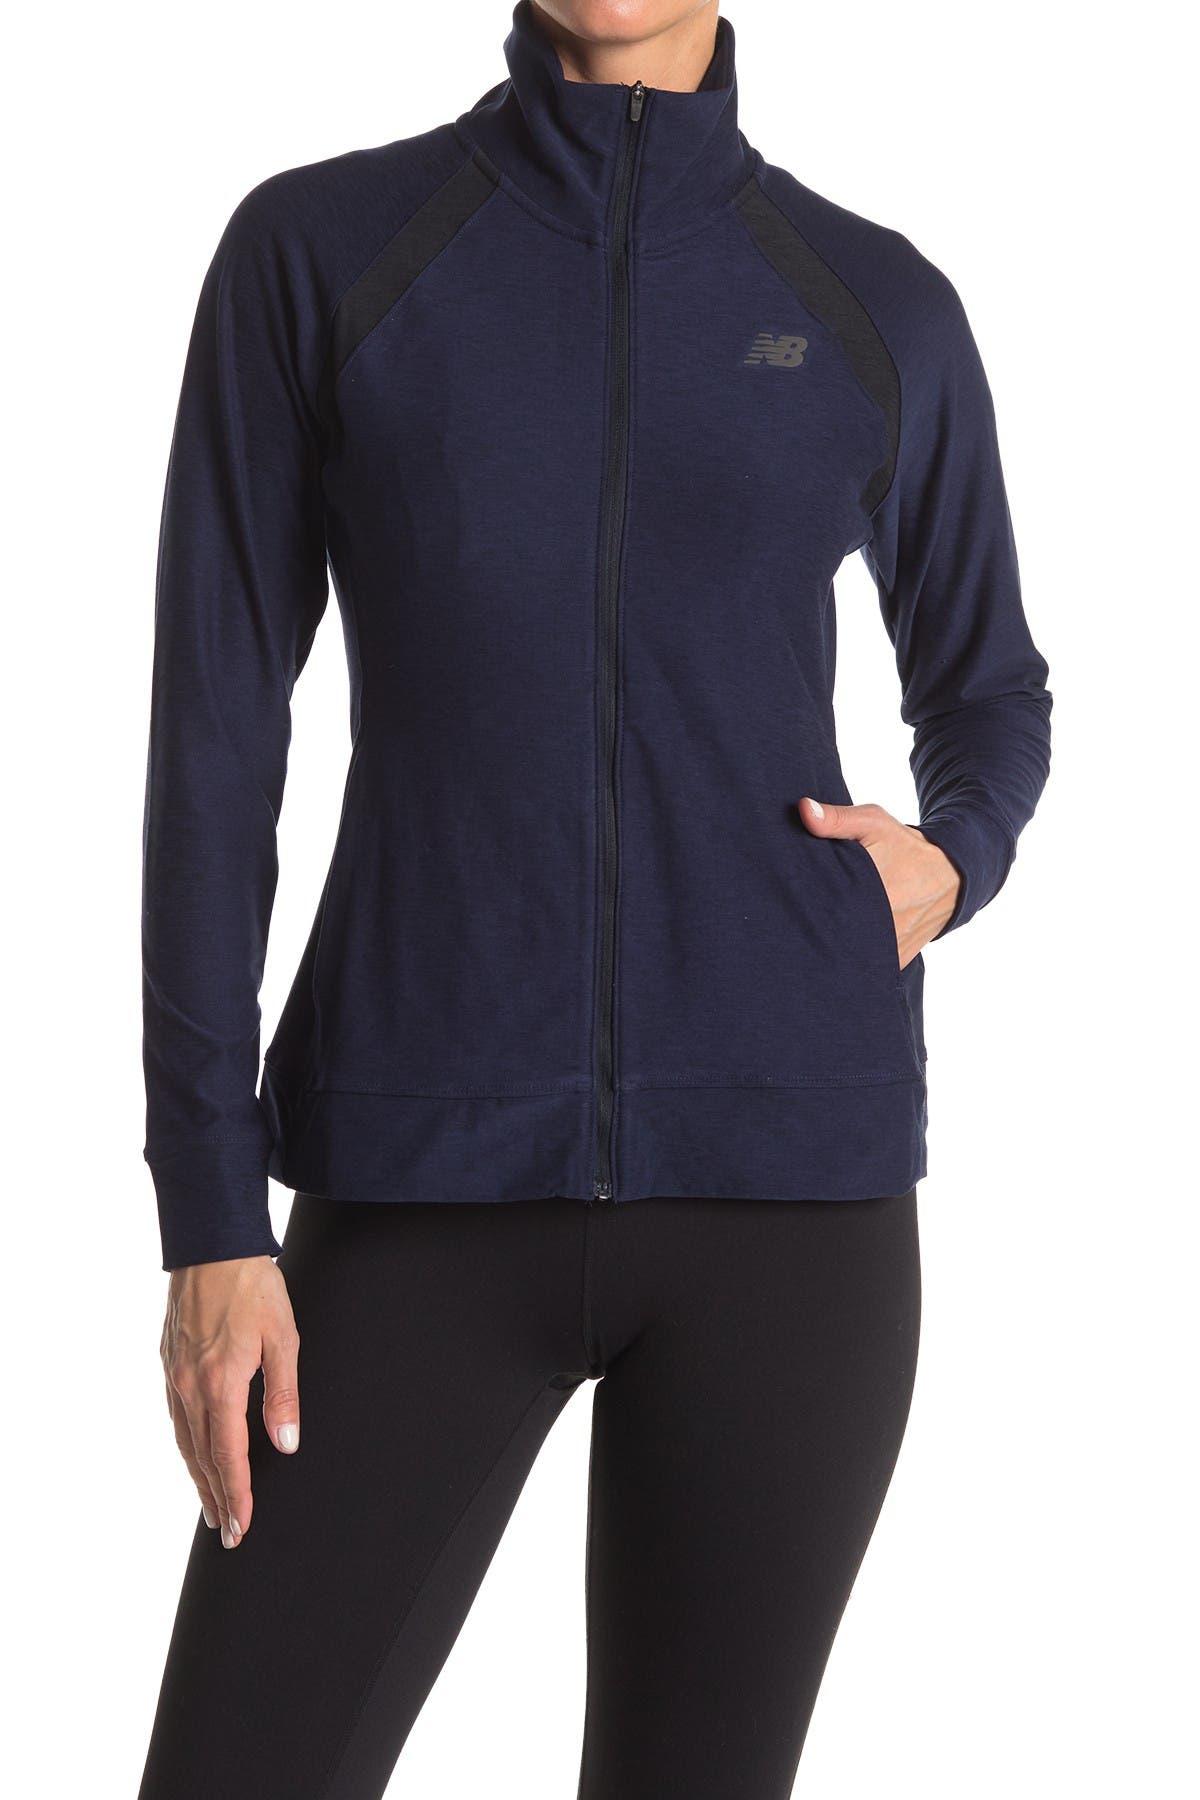 Image of New Balance Space Dye Jacket